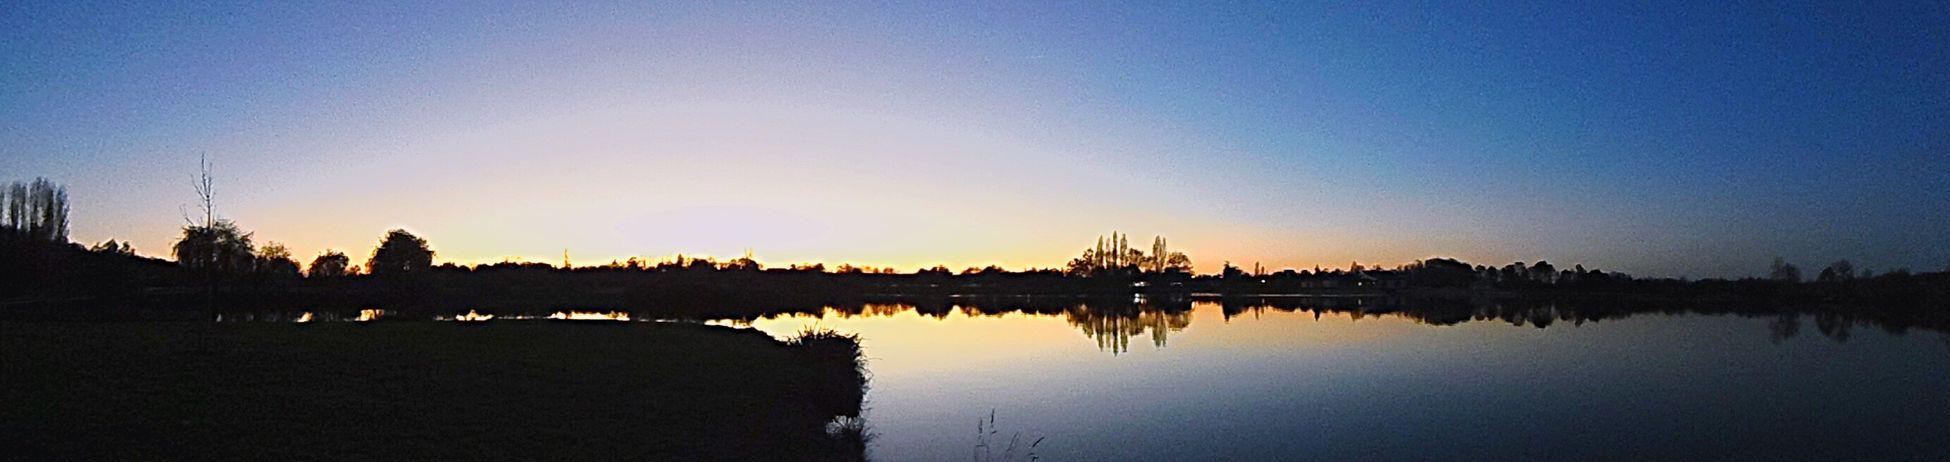 Panorama sur le plan d'eau Panorama Balade Au Bord De L'eau Panoramique  Dans Ma Ville Angouleme Light And Shadow CIELFIE Skyfie